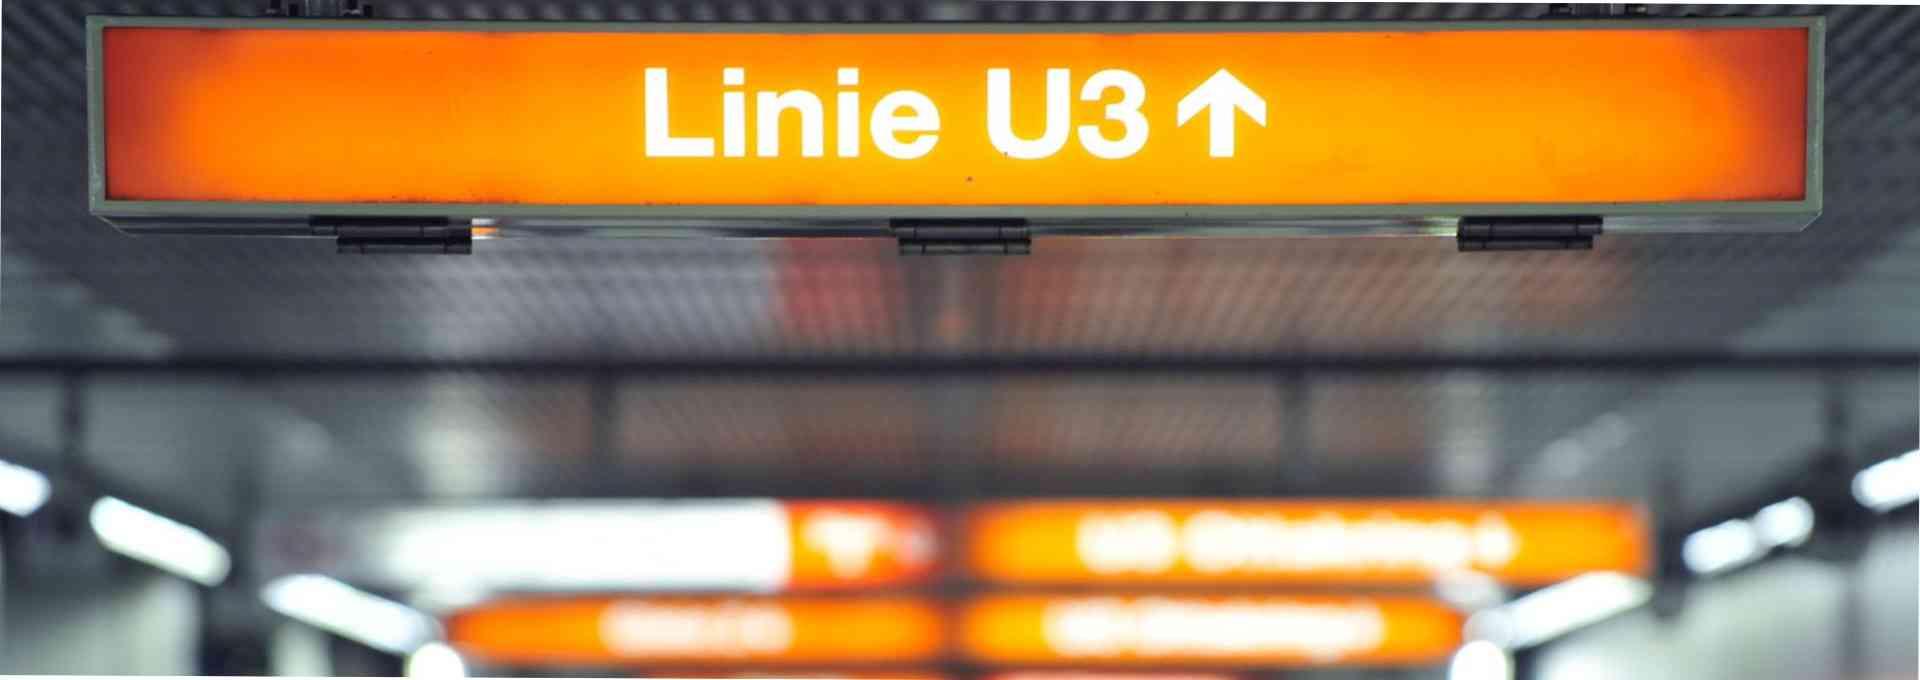 Die Linie U3 transportiert jährlich 106 Millionen Fahrgäste auf insgesamt 13,5 Kilometern Fahrlänge.